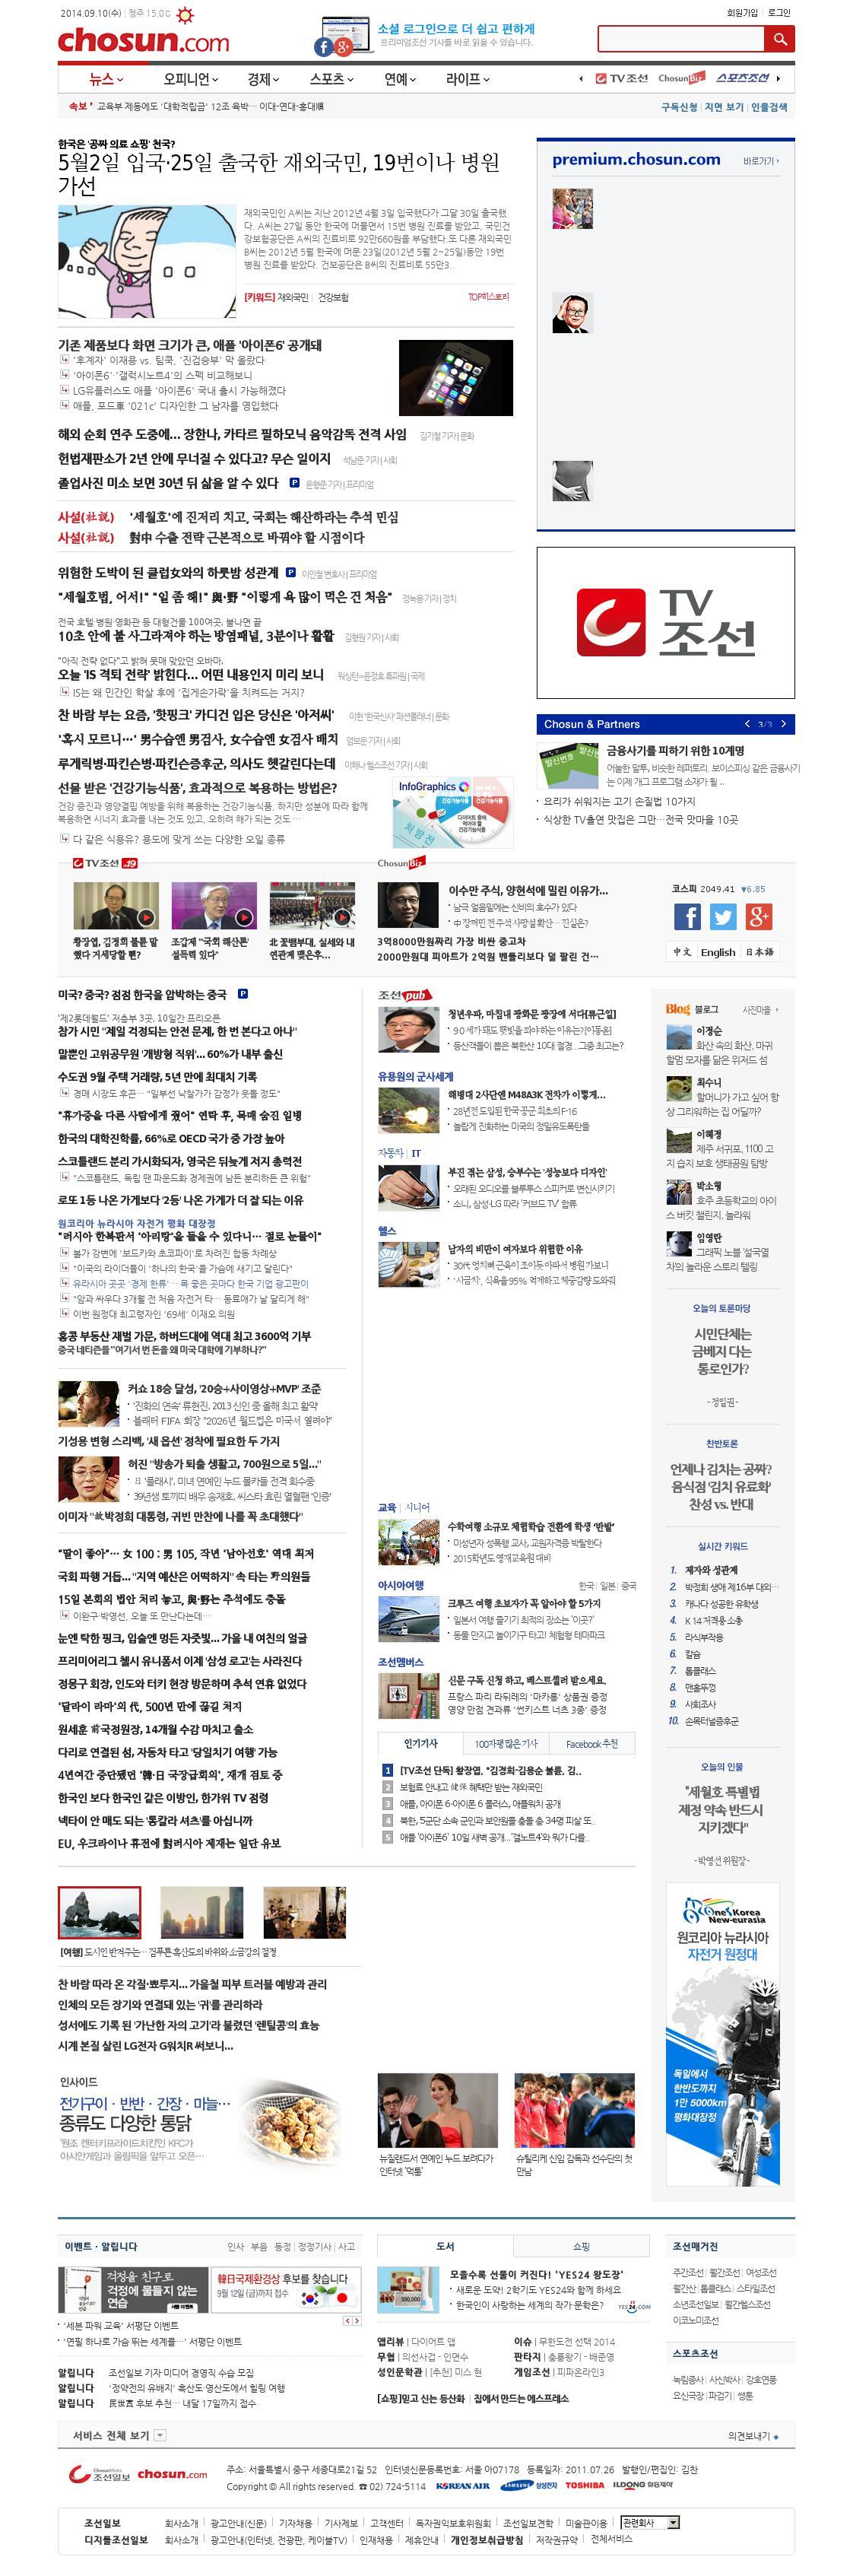 chosun.com at Tuesday Sept. 9, 2014, 11:02 p.m. UTC